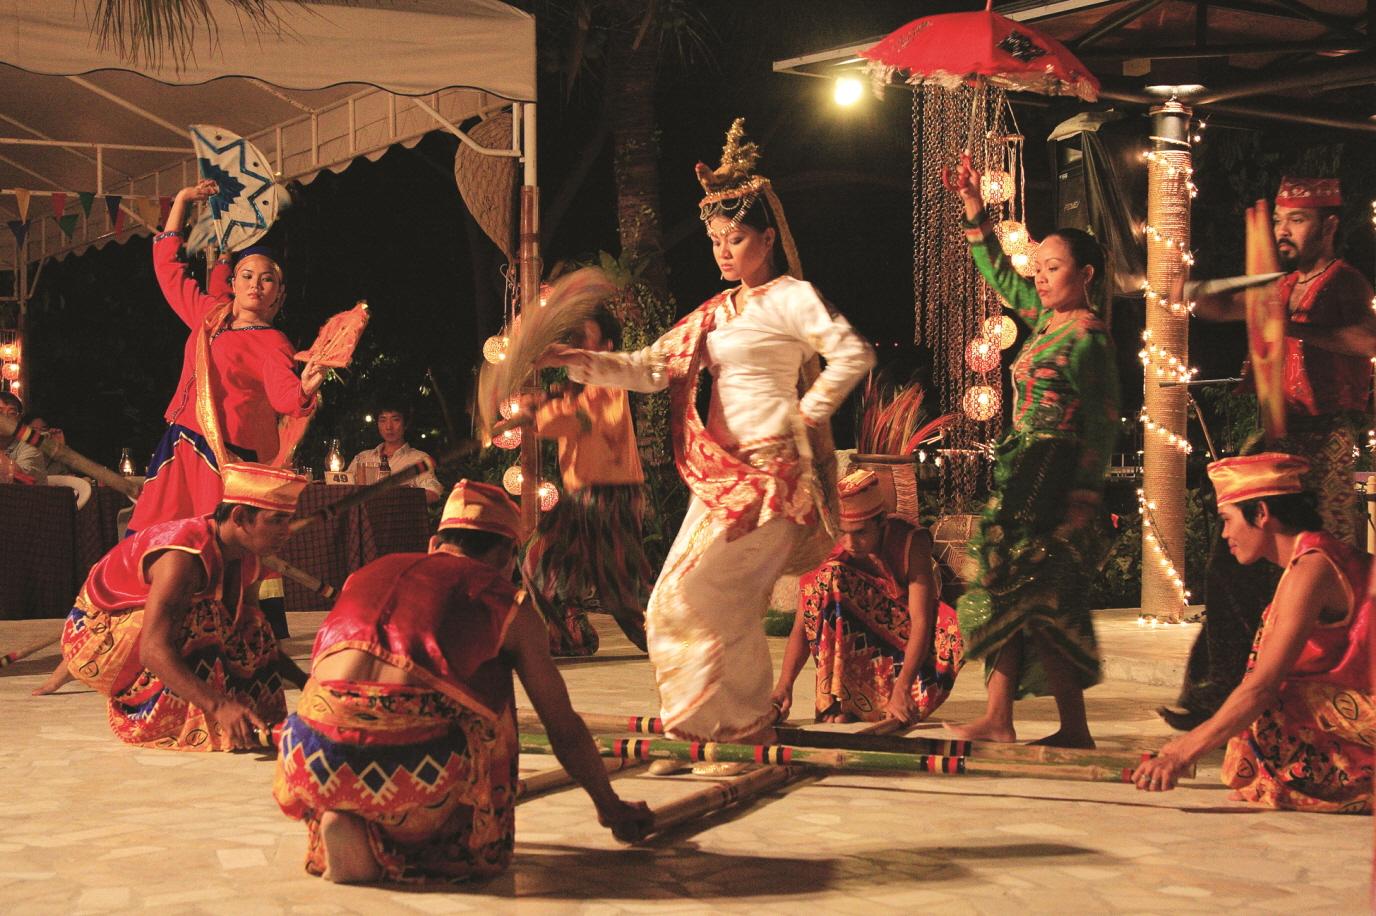 ▲ 필리핀의 유명한 대나무 춤인 '티니클링' 무용수 4명이 필리핀 전통 음악에 맞춰 맞부딪히는 대나무 사이를 절묘하게 누비며 춤을 추고있다.